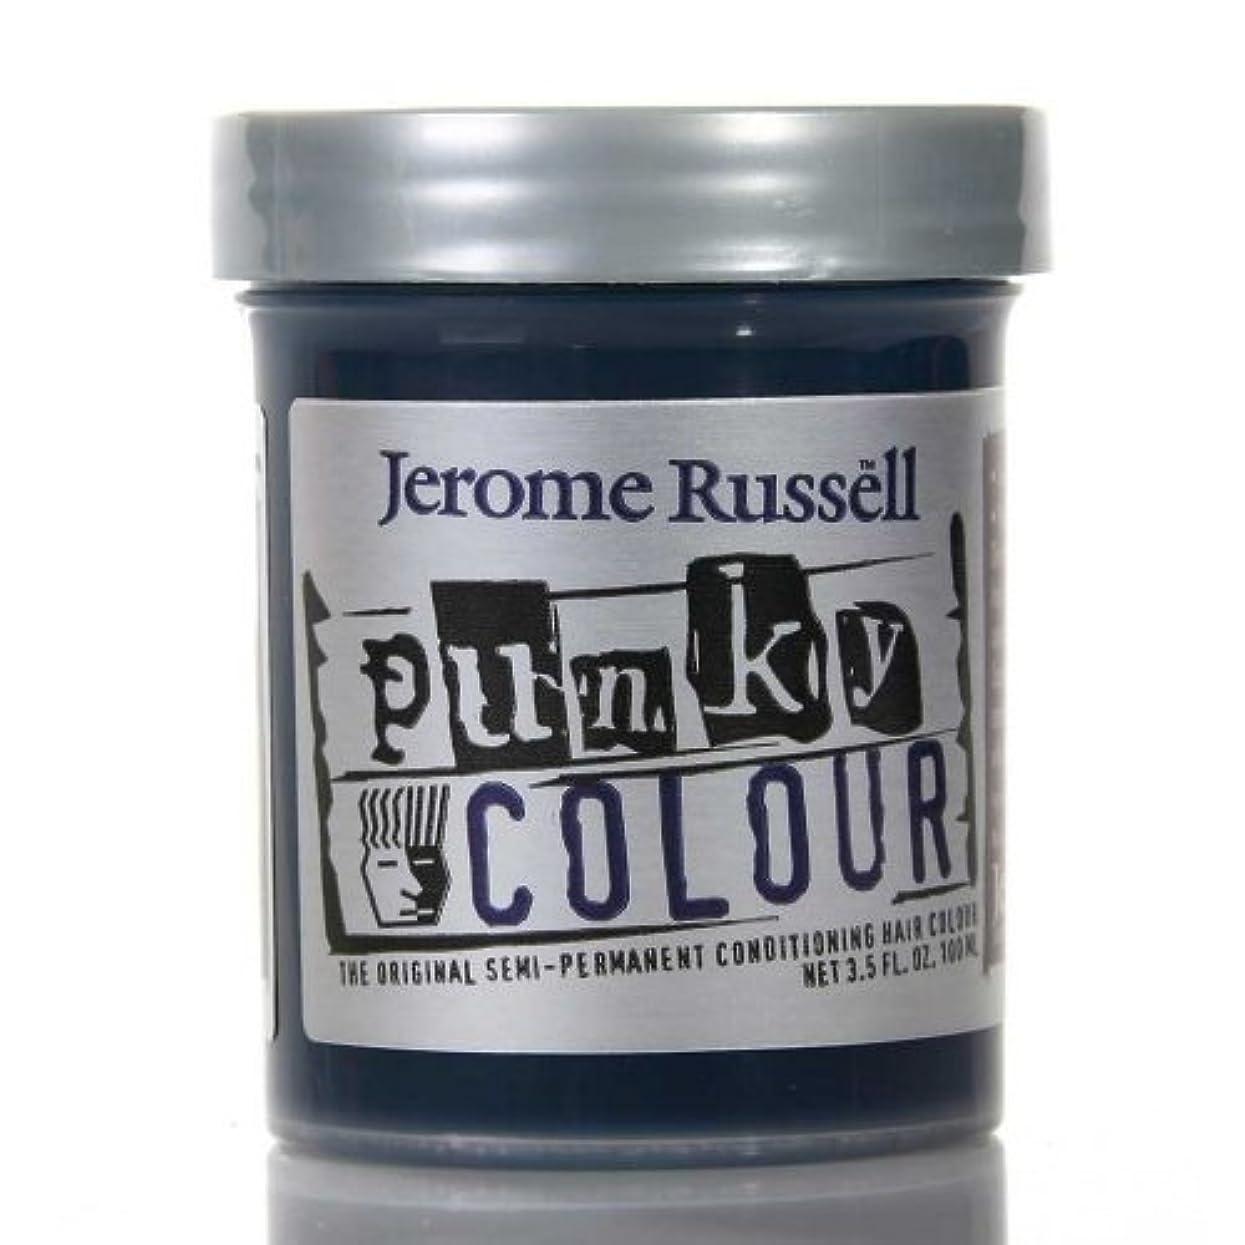 一時停止感じる申請中JEROME RUSSELL Punky Color Semi-Permanent Conditioning Hair Color - Midnight Blue (並行輸入品)